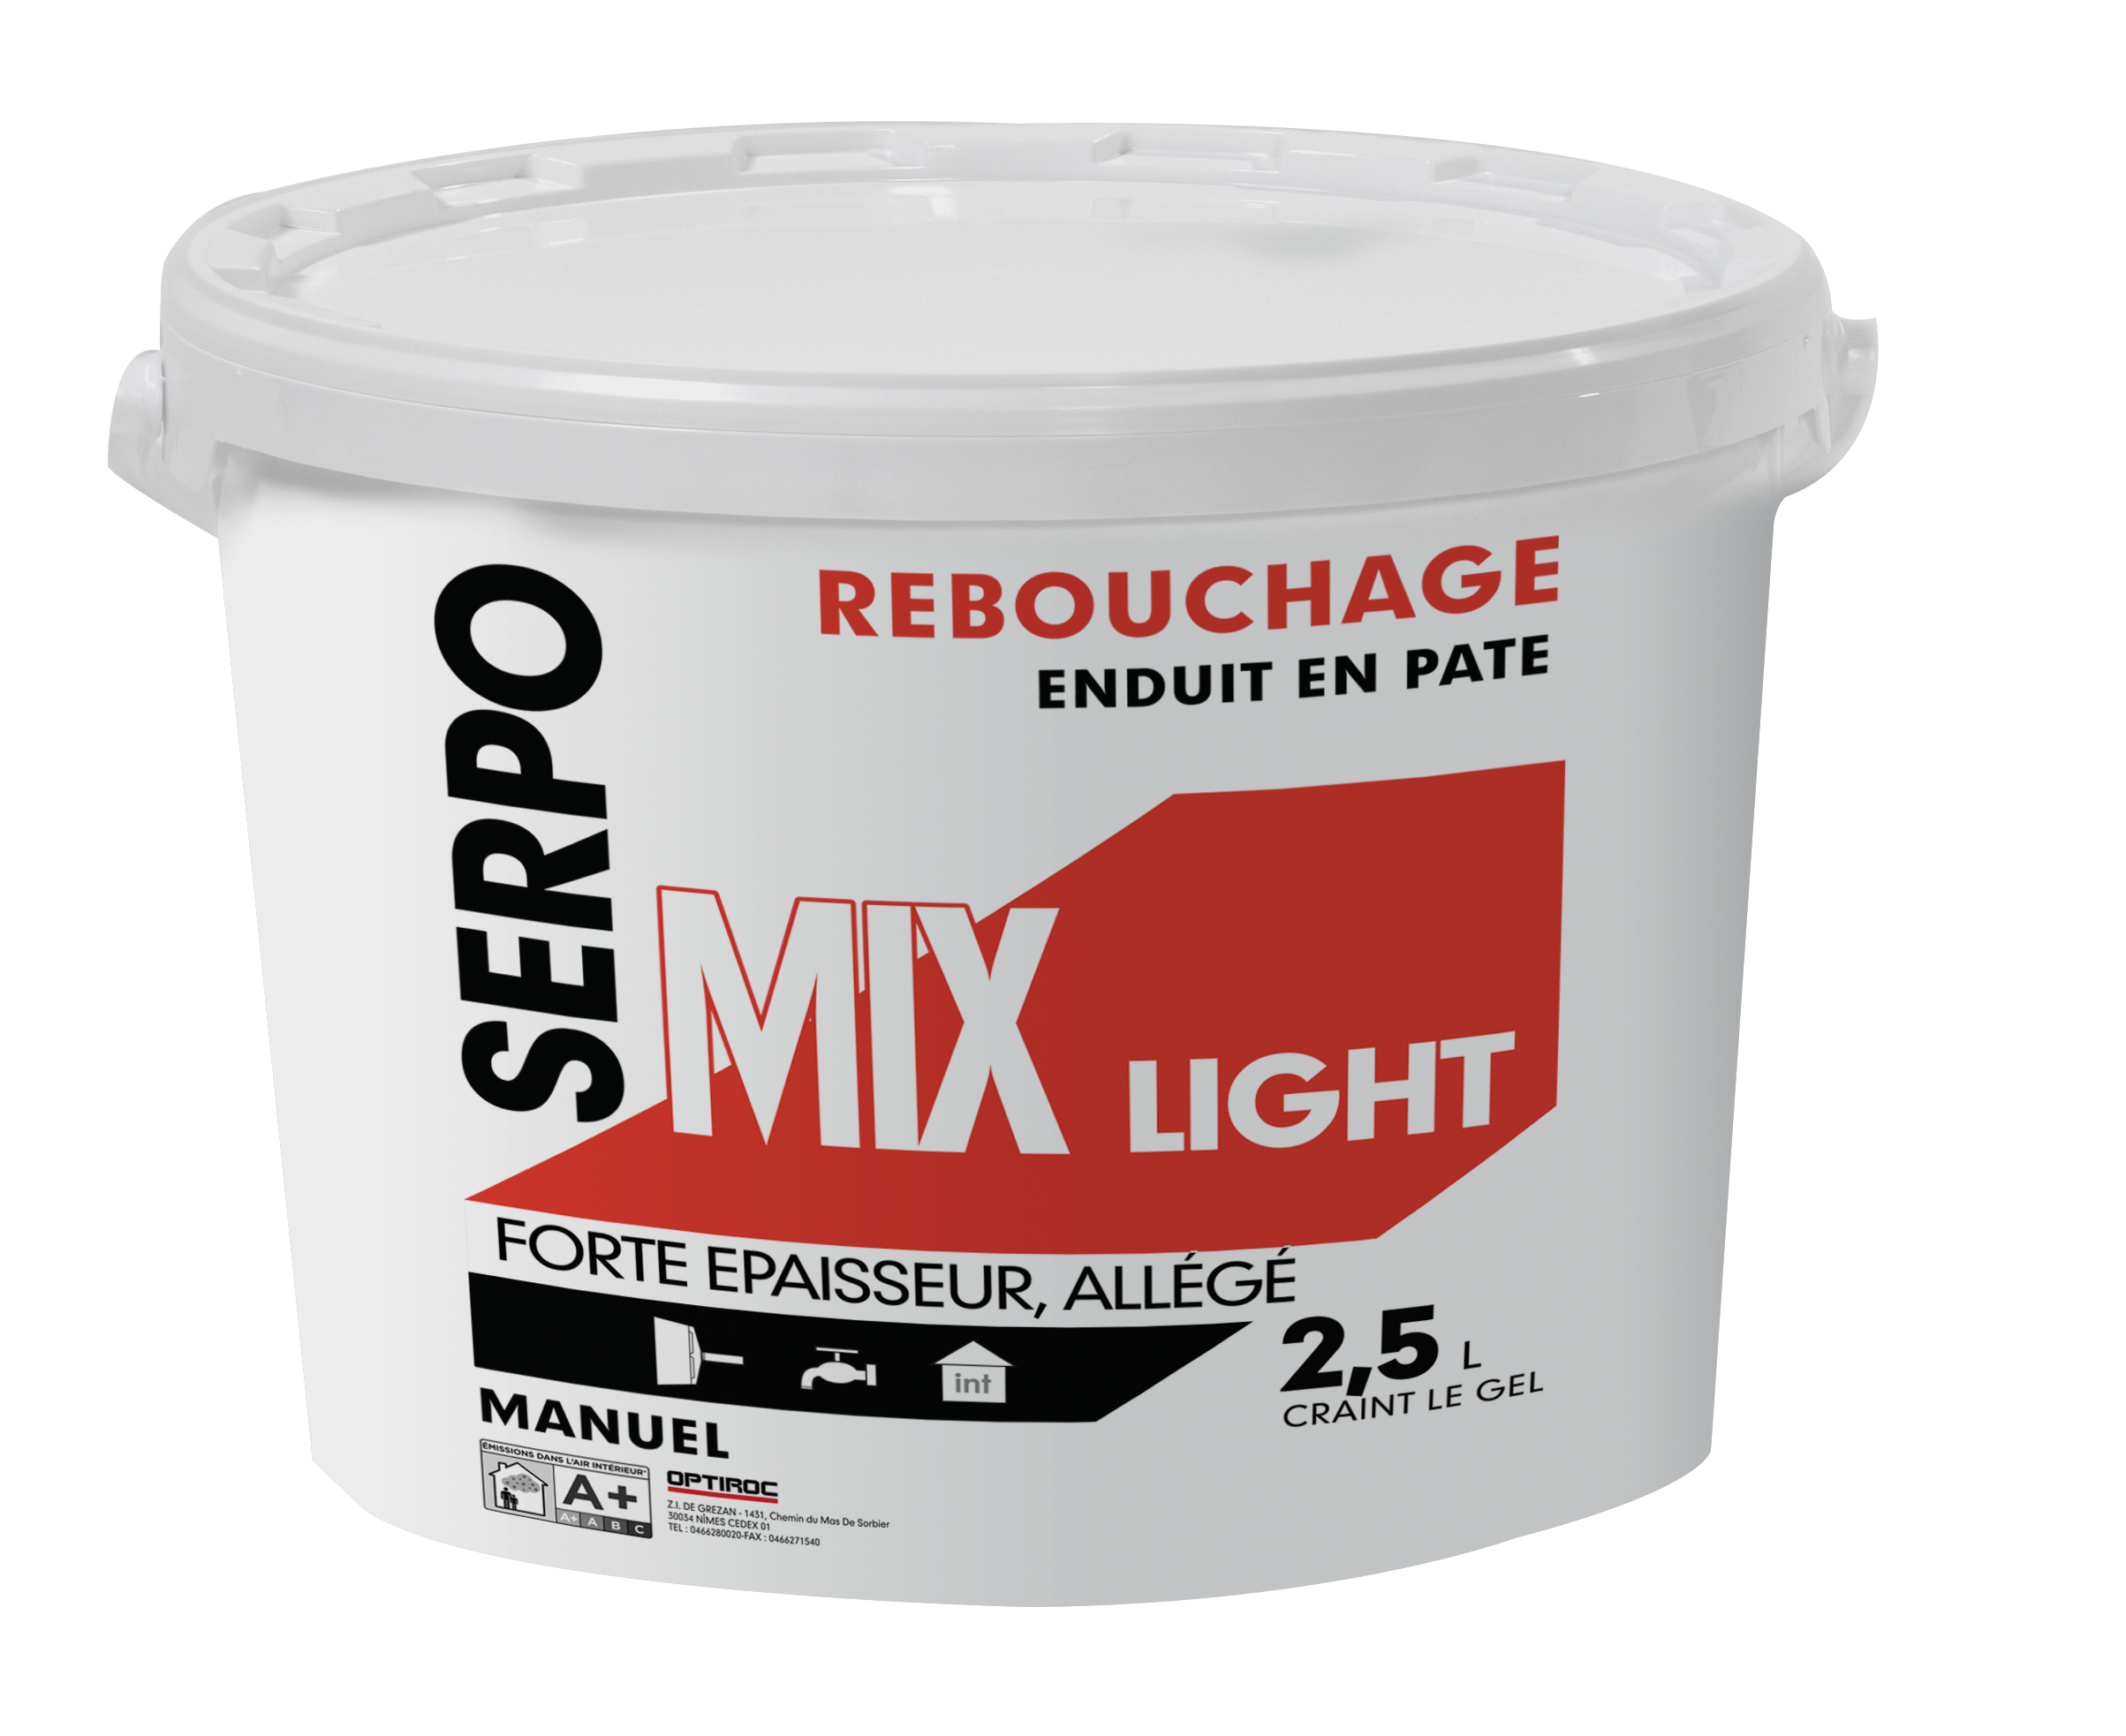 Epaisseur Enduit Sur Parpaing serpo mix light | optiroc.fr